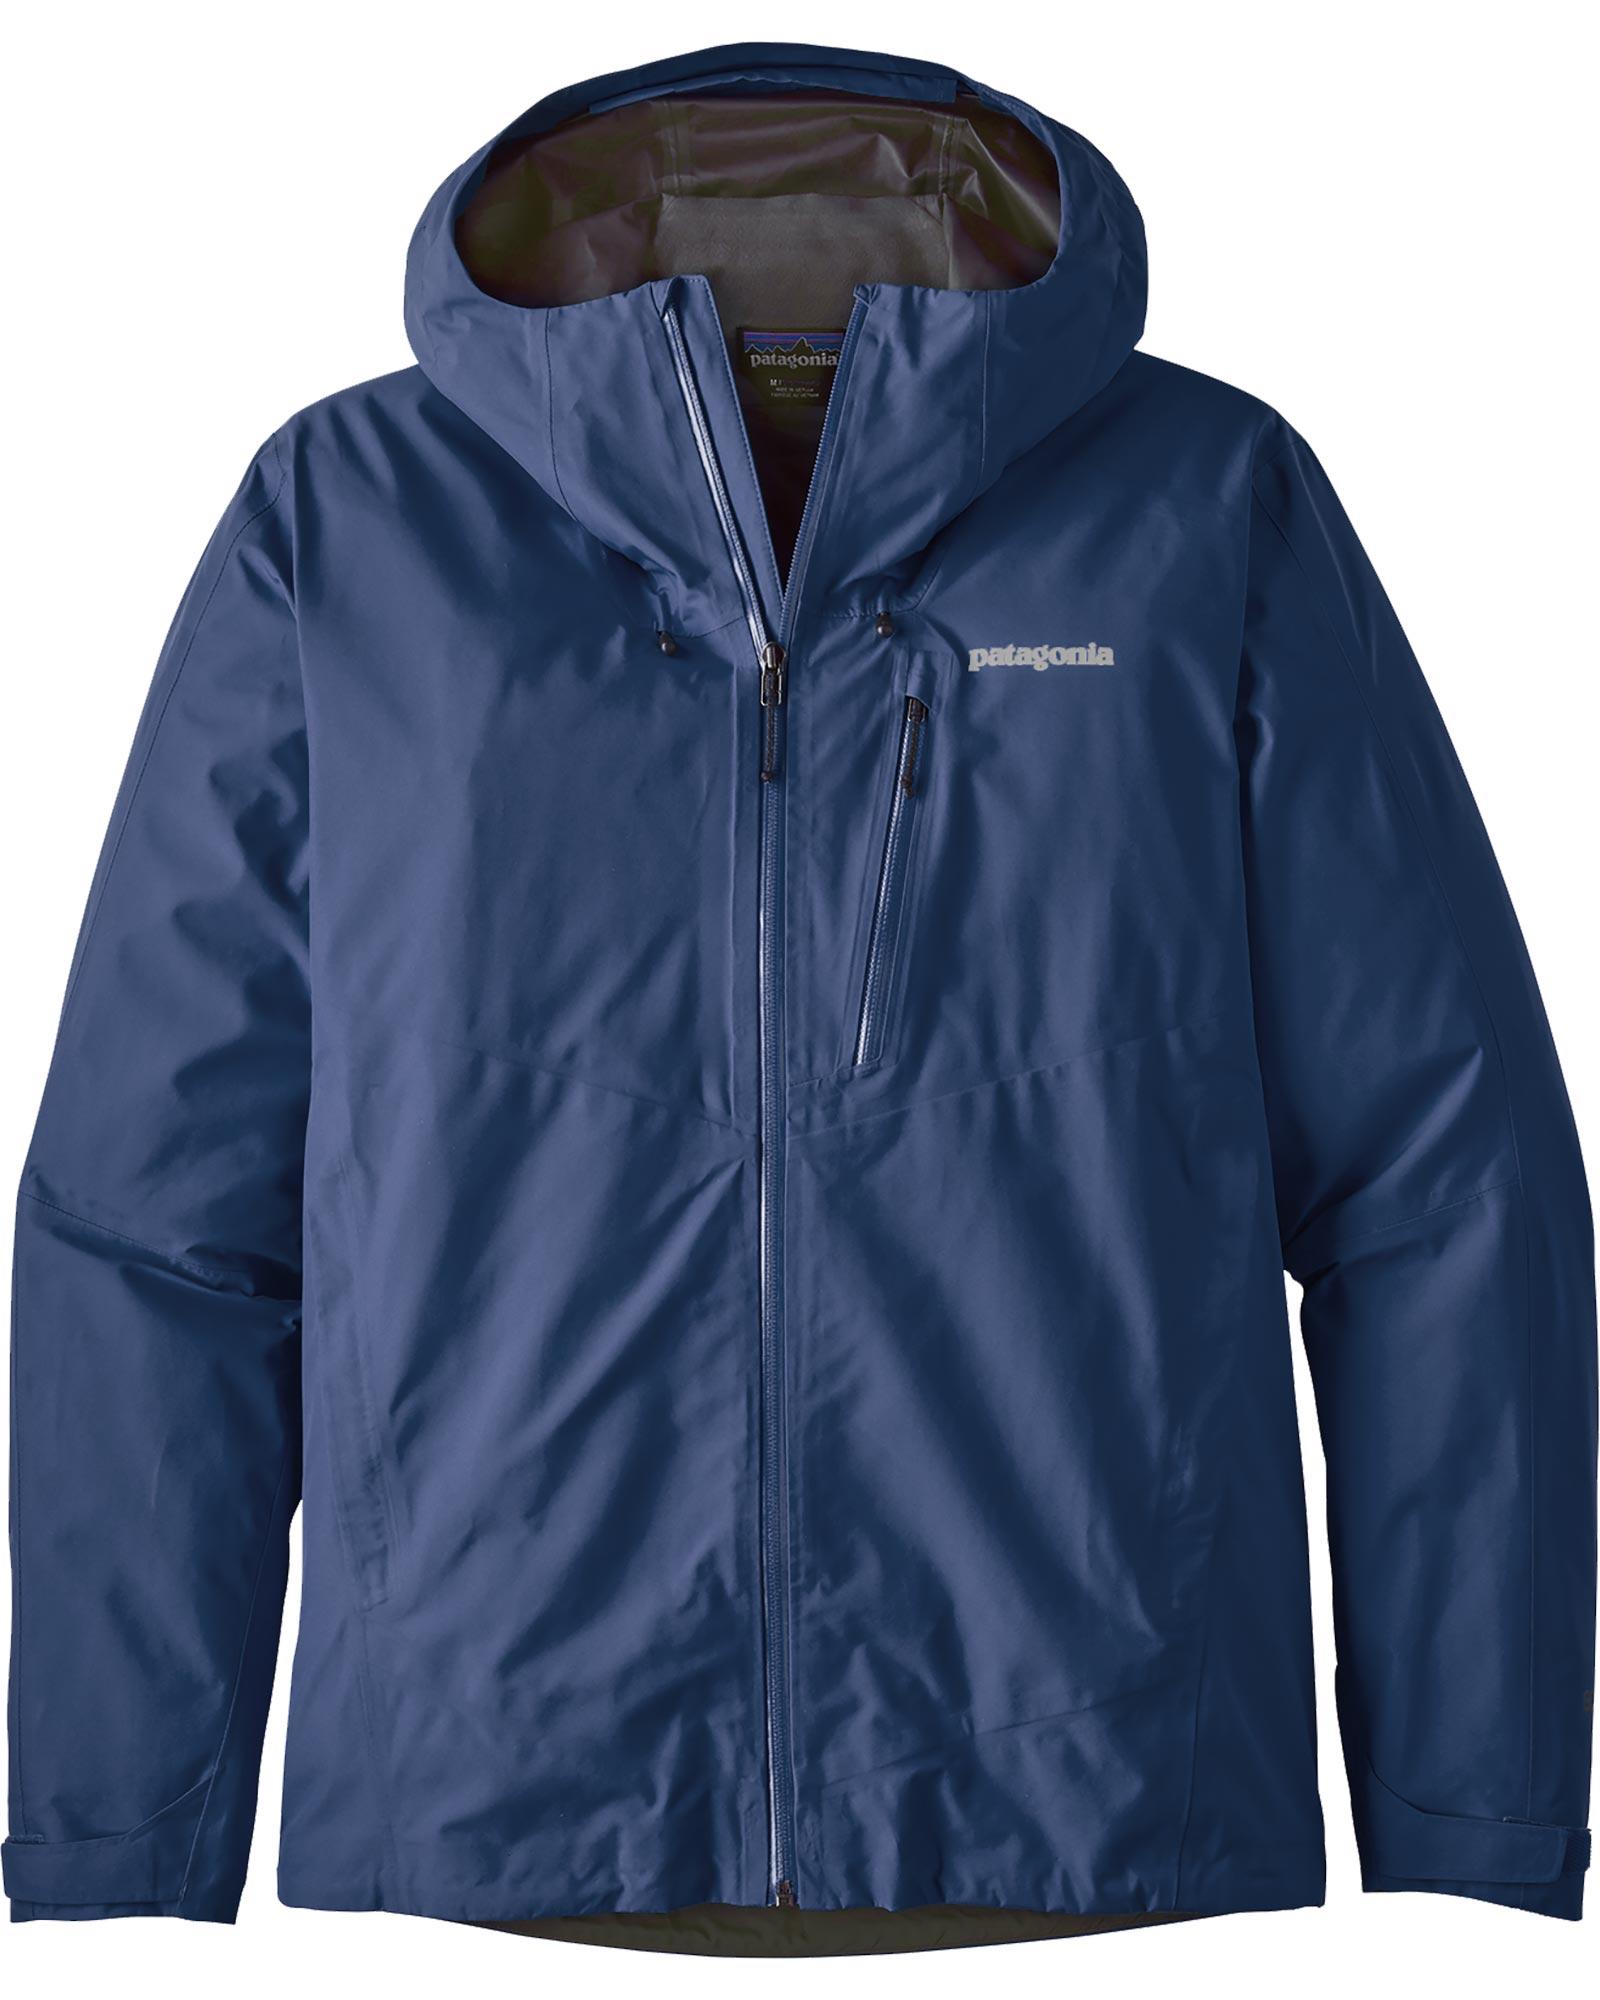 Patagonia Calcite GORE-TEX PACLITE Plus Men's Jacket 0